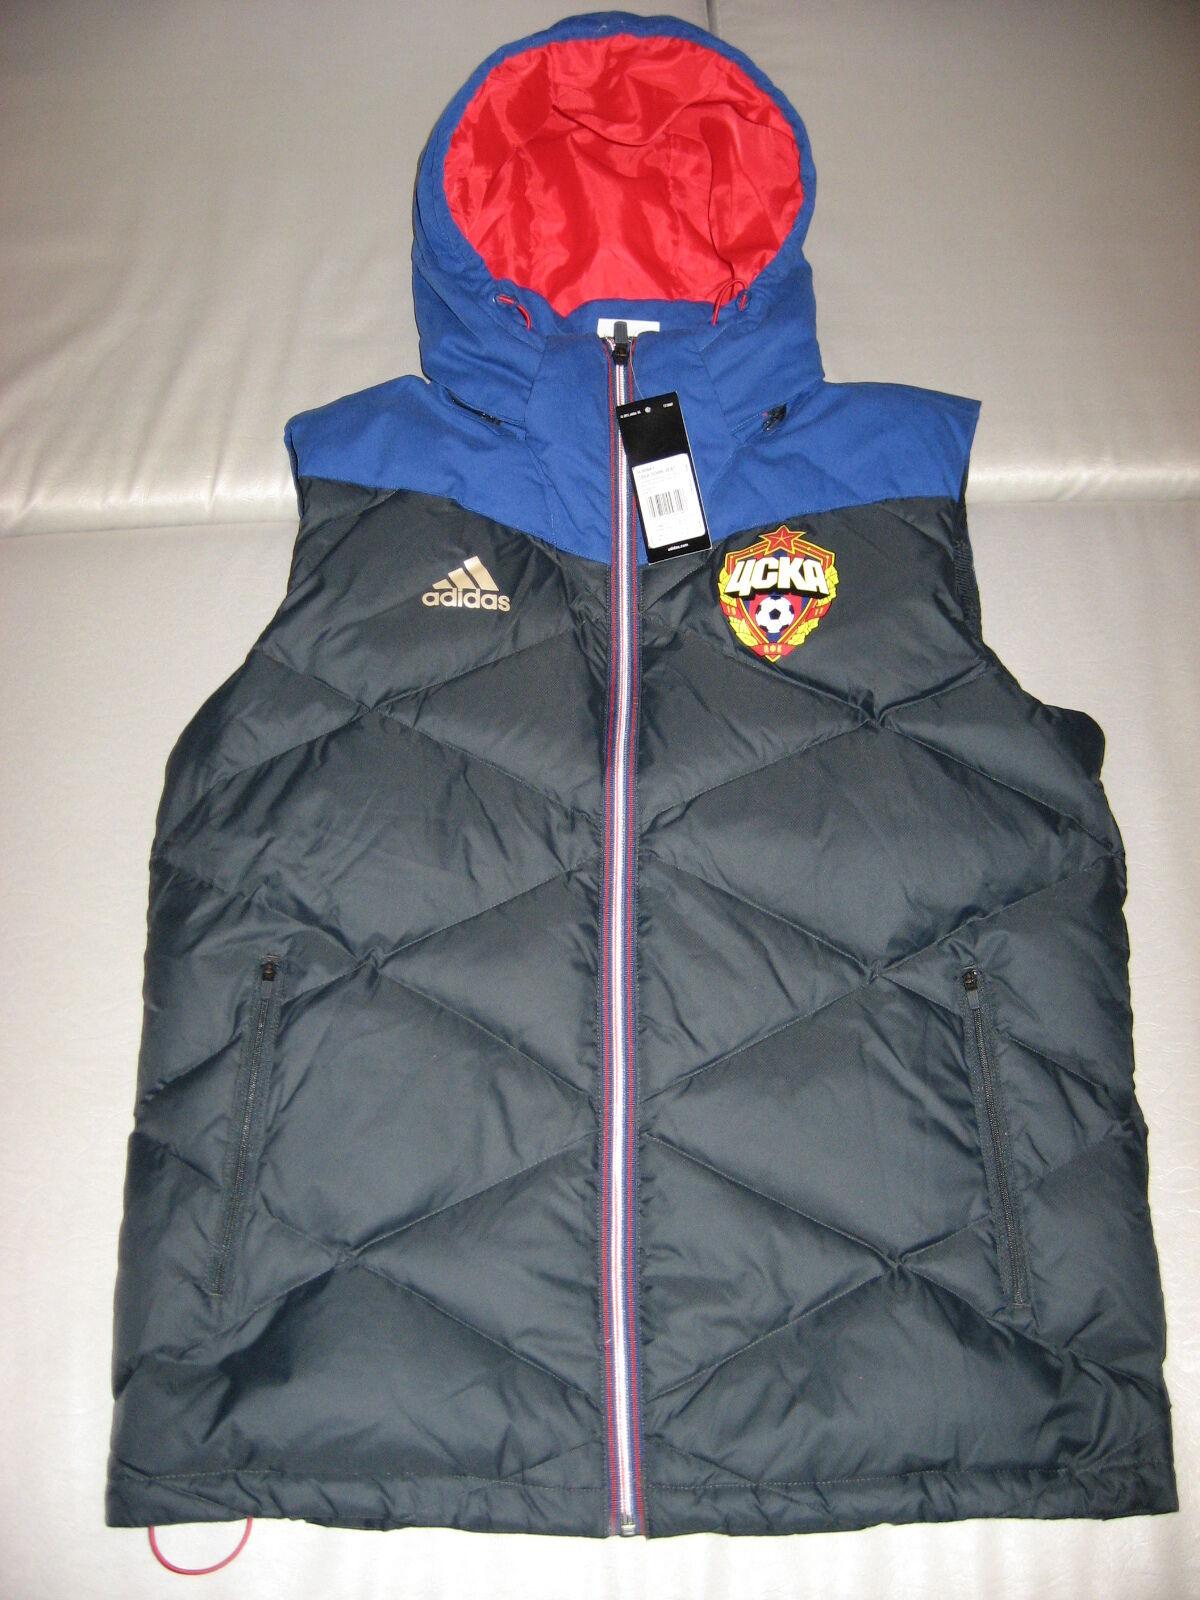 Nuevo Con Etiquetas Adidas CSKA Moscú XS S Abajo Chaleco Chaqueta de fútbol de rara de Rusia